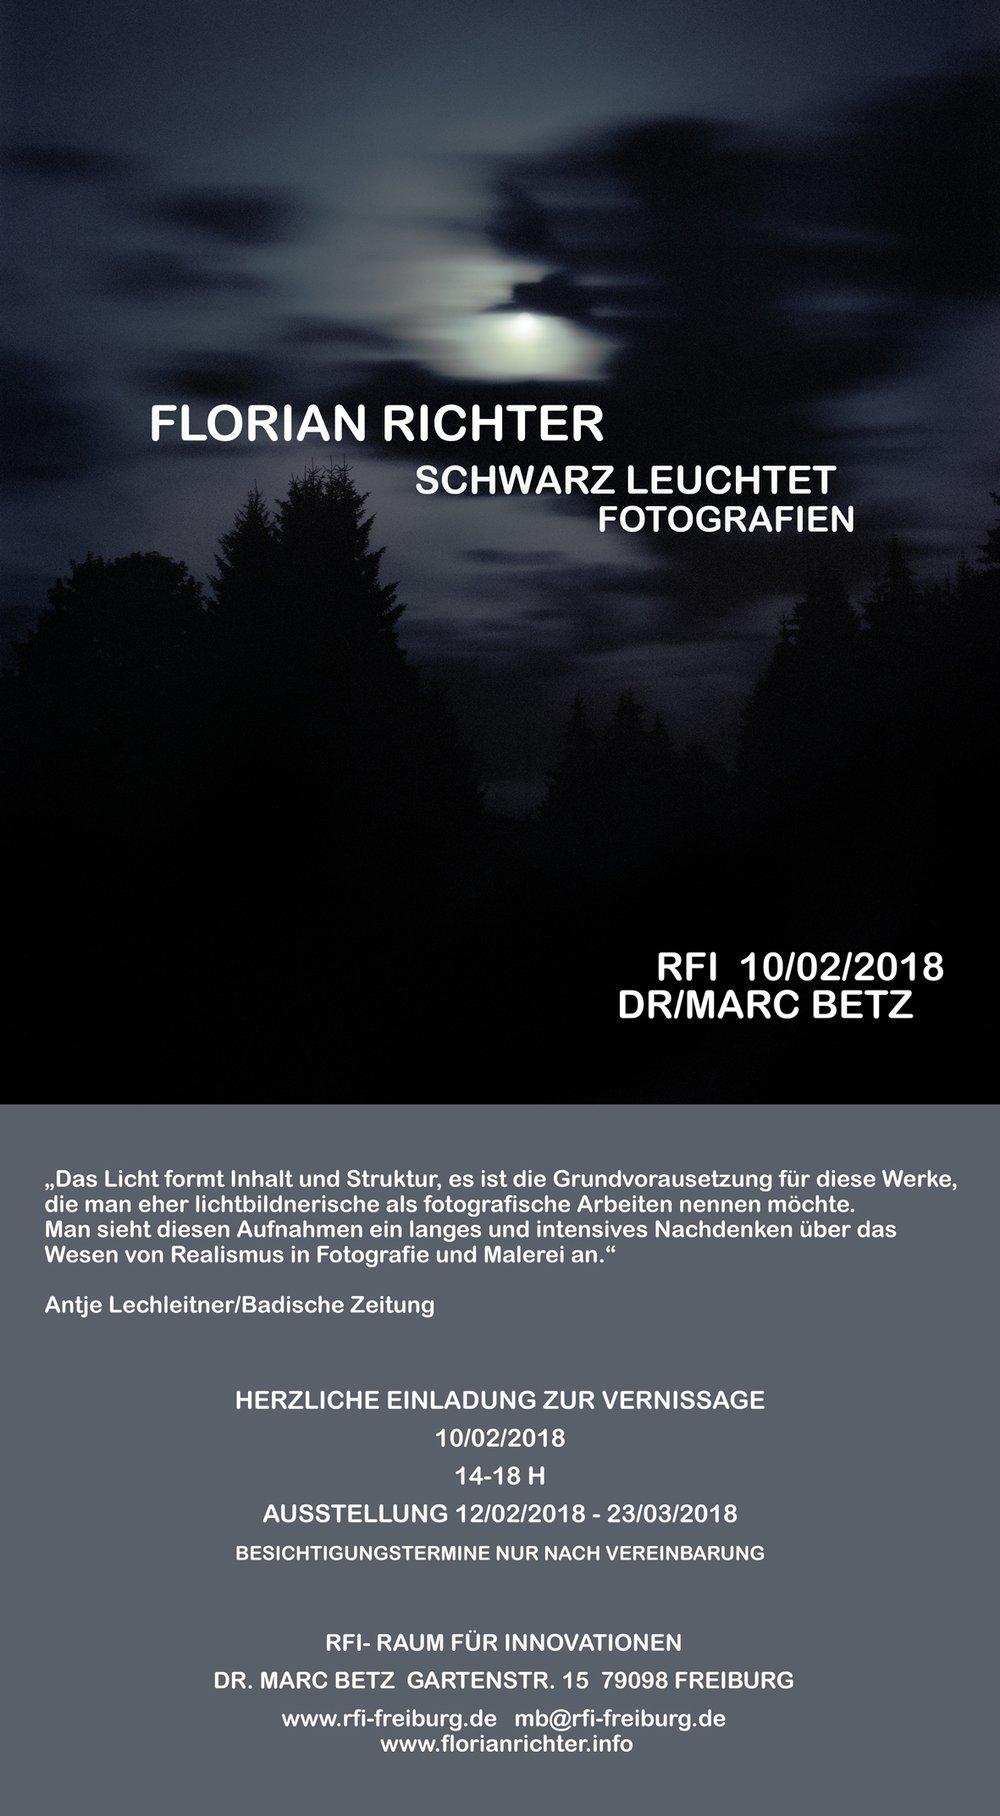 Richter, Florian 180210 Einladungskarte Vernissage.jpg